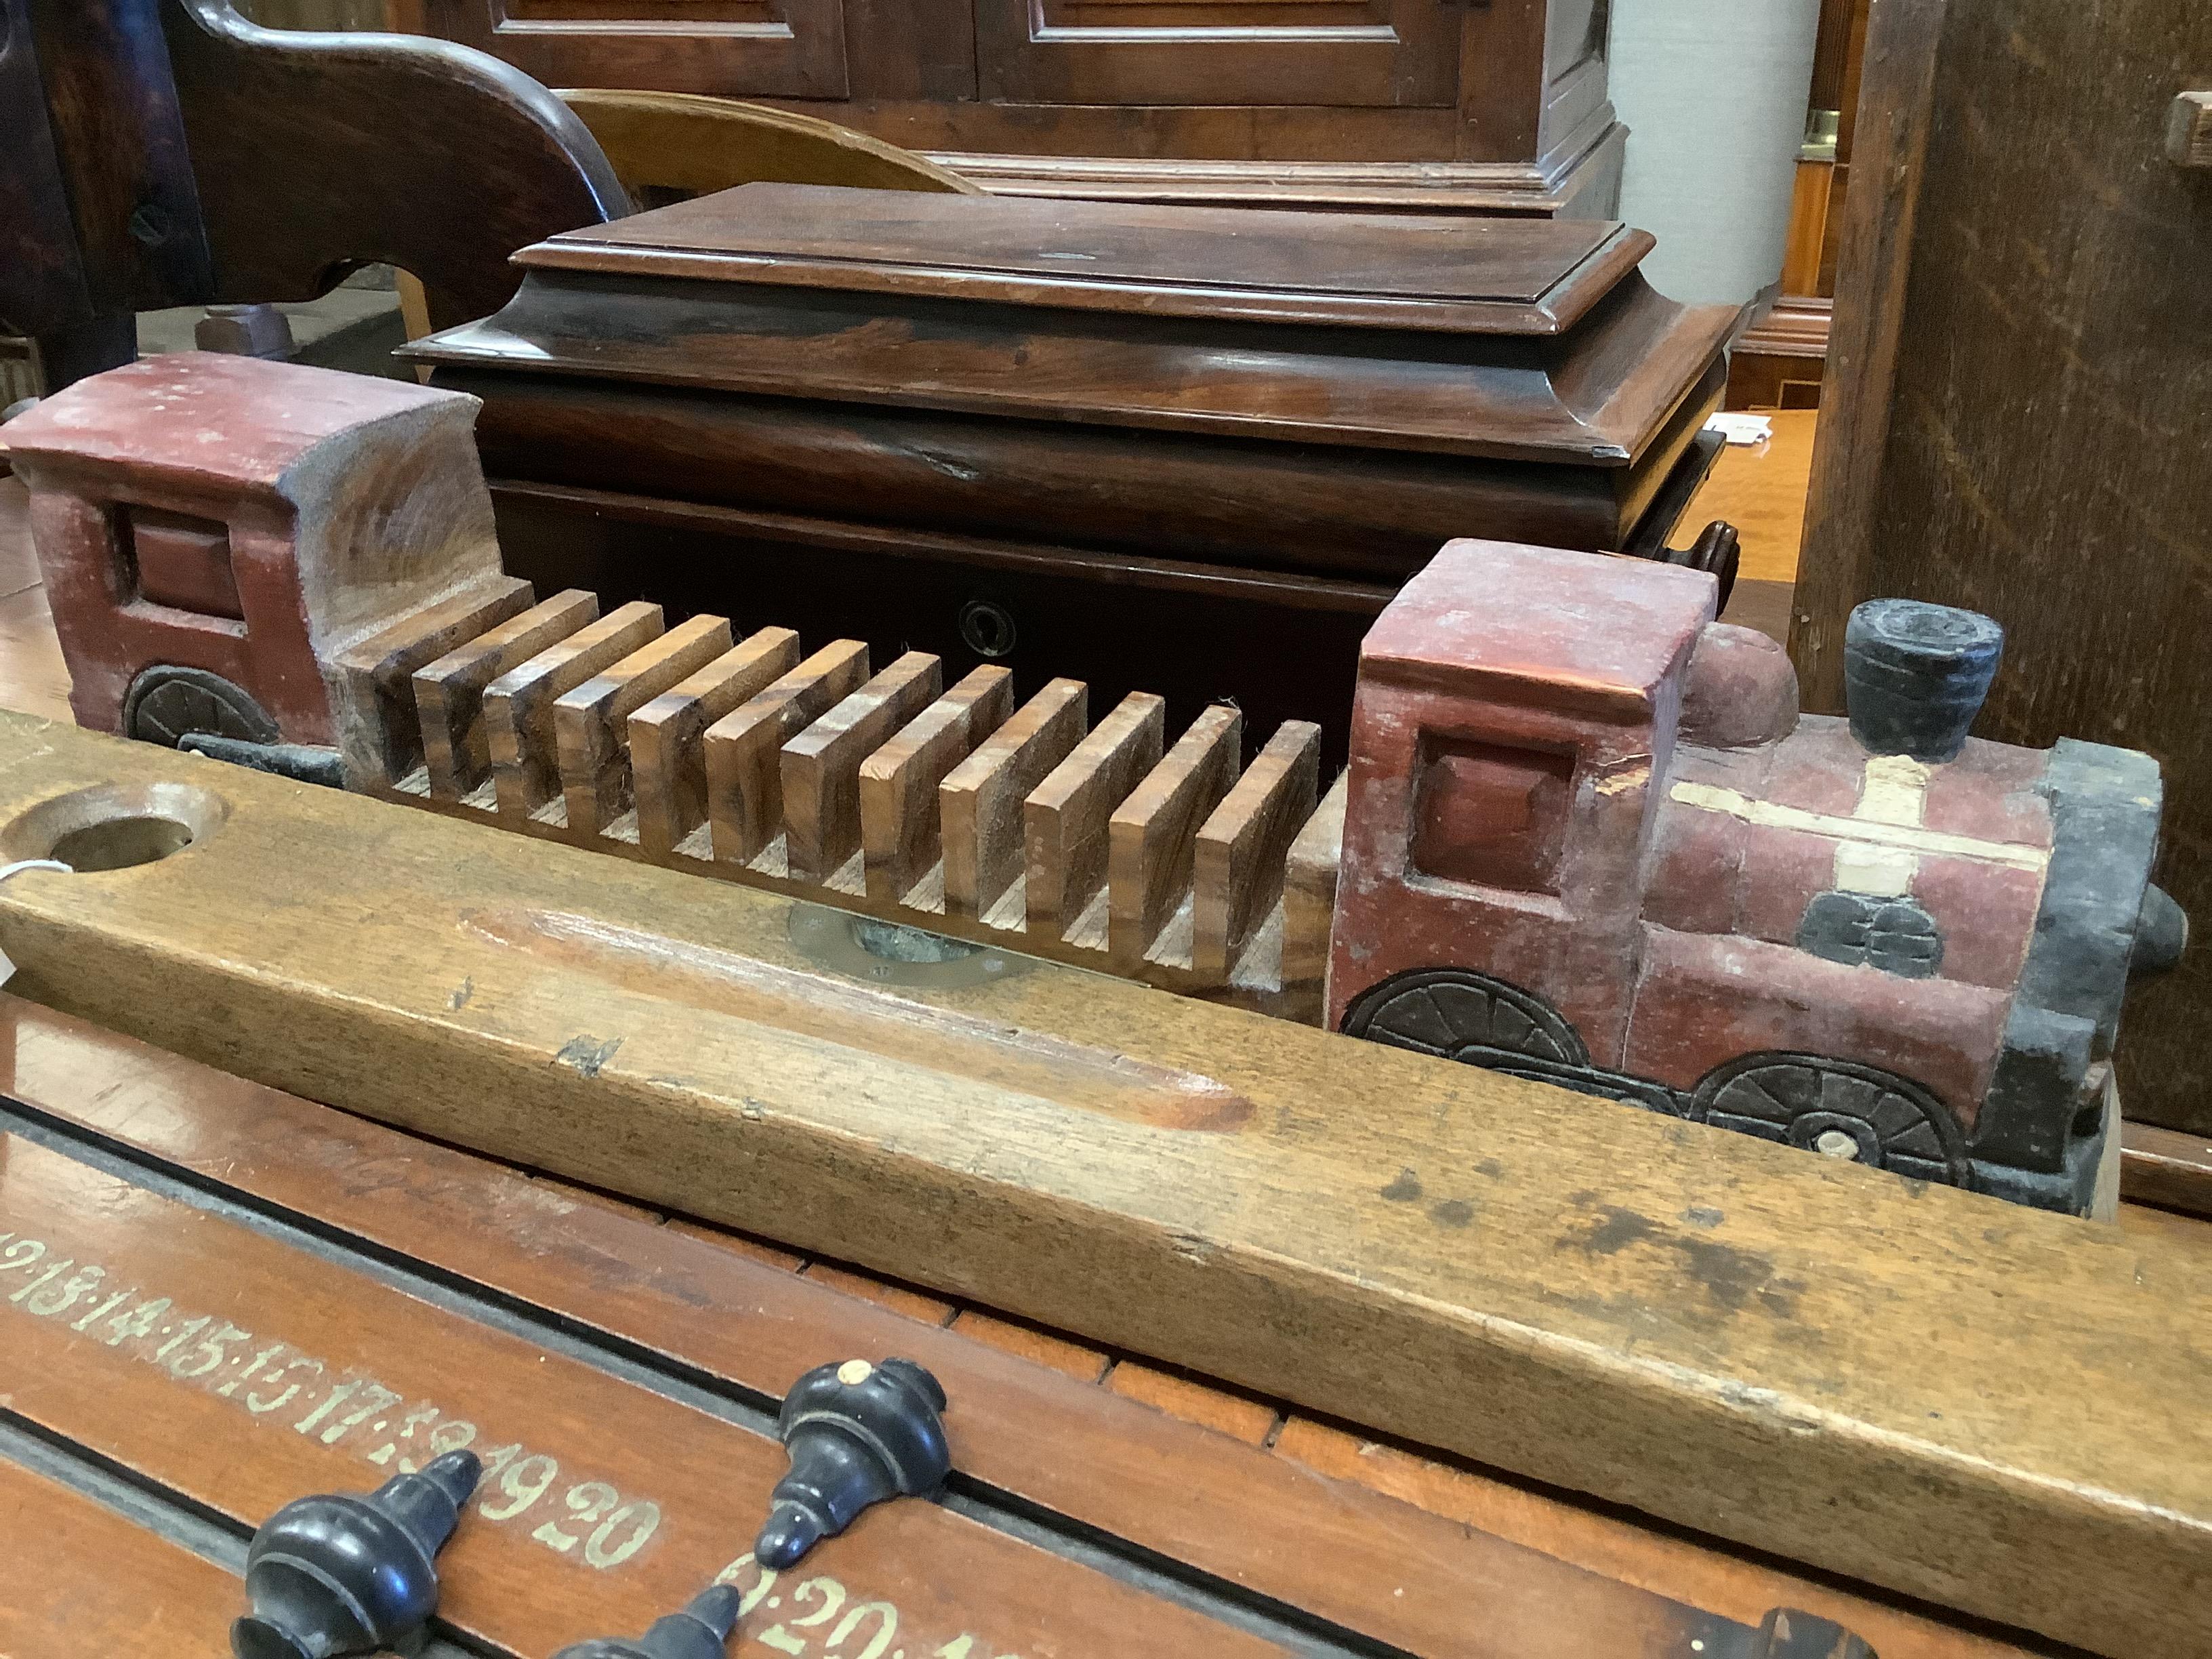 A Shove Ha'penny board, a Preston & Sons brass-mounted spirit level, a Riley's billiards scoreboard - Image 4 of 4